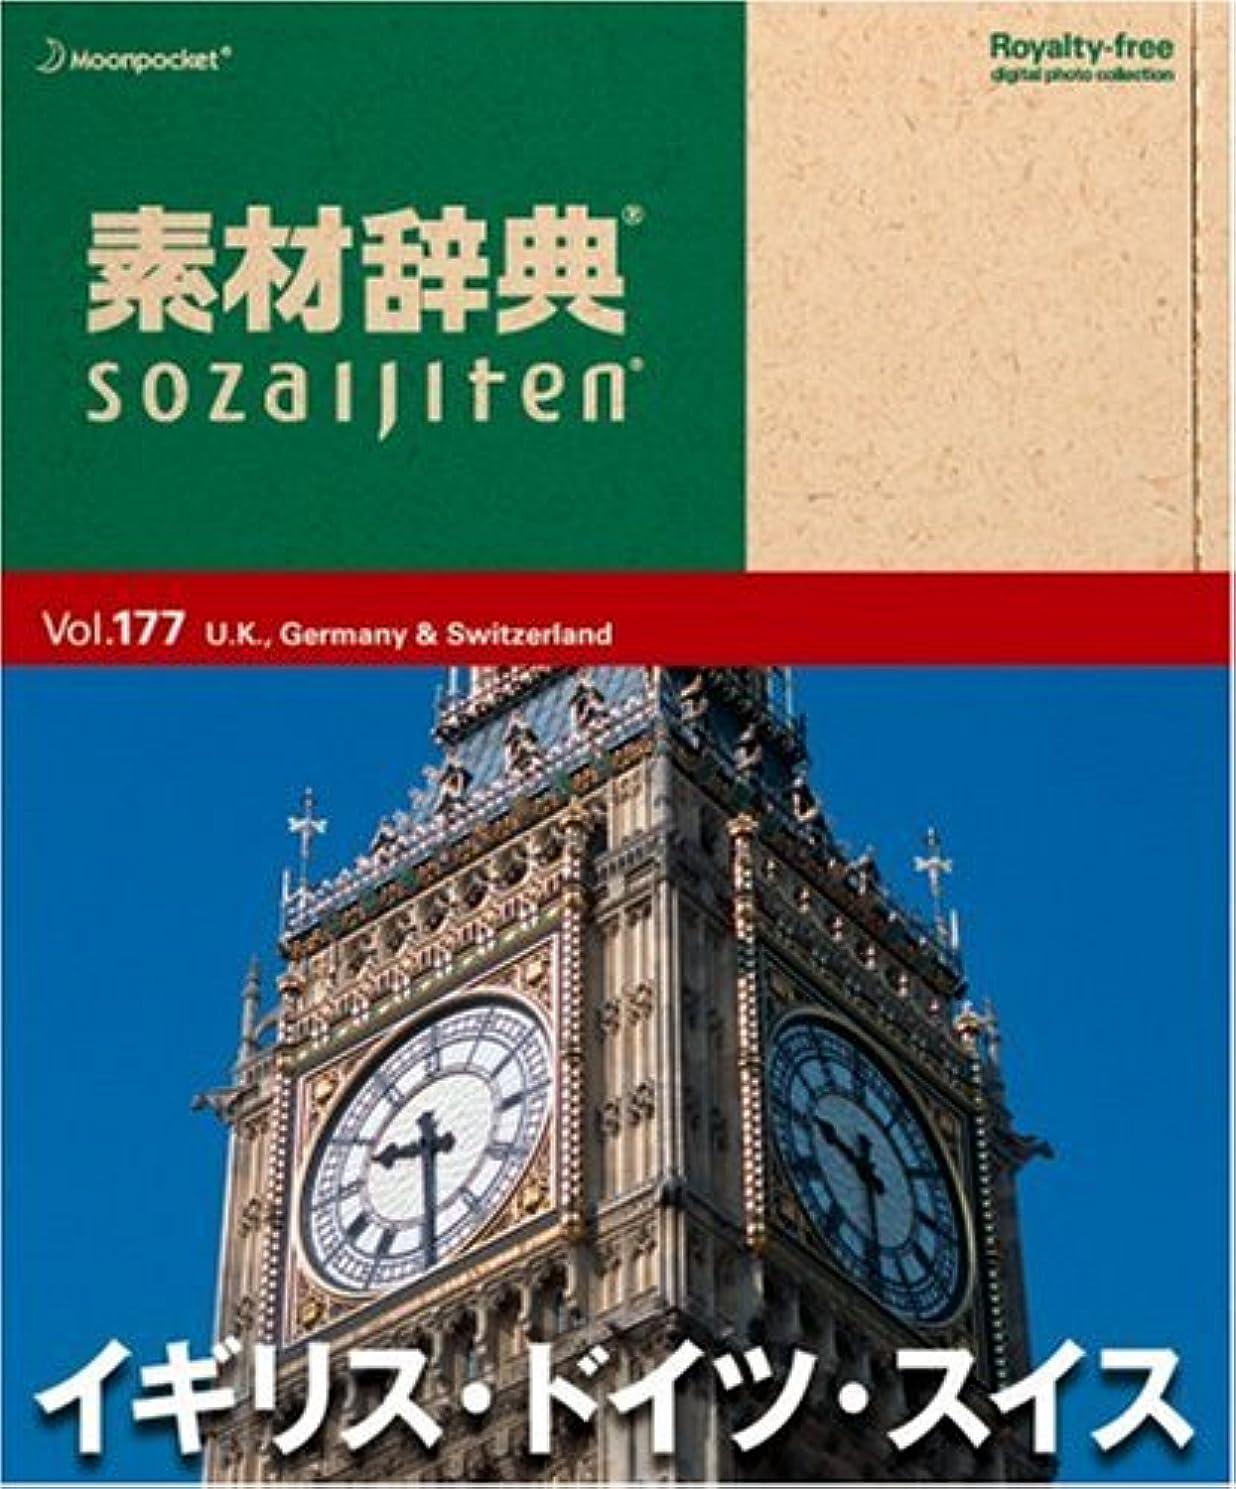 人口ワゴン光素材辞典 Vol.177 イギリス?ドイツ?スイス編